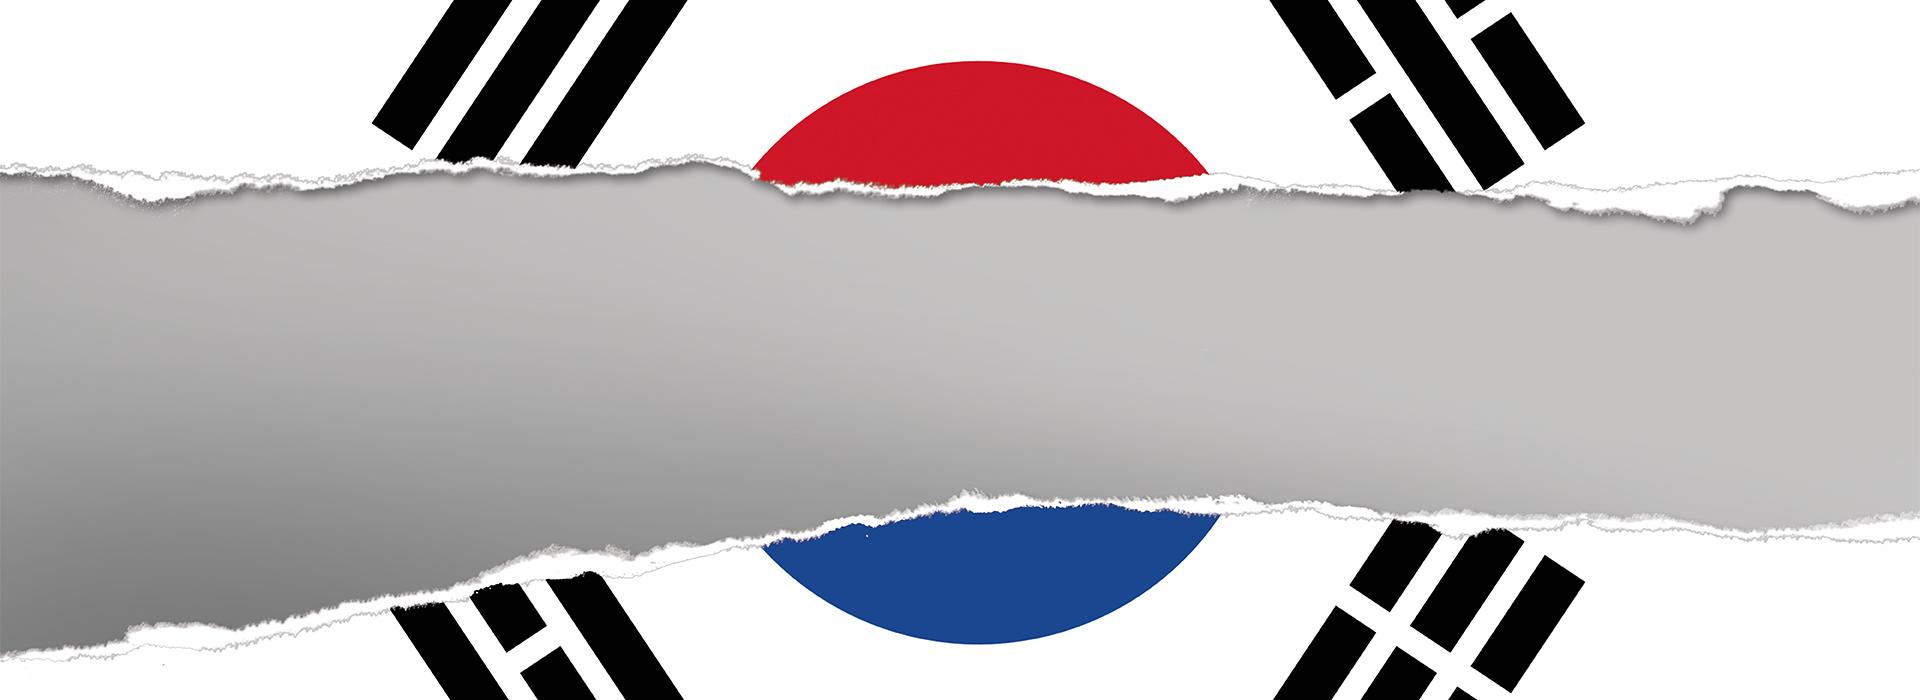 地獄朝鮮啟示錄 韓國認錯經濟學